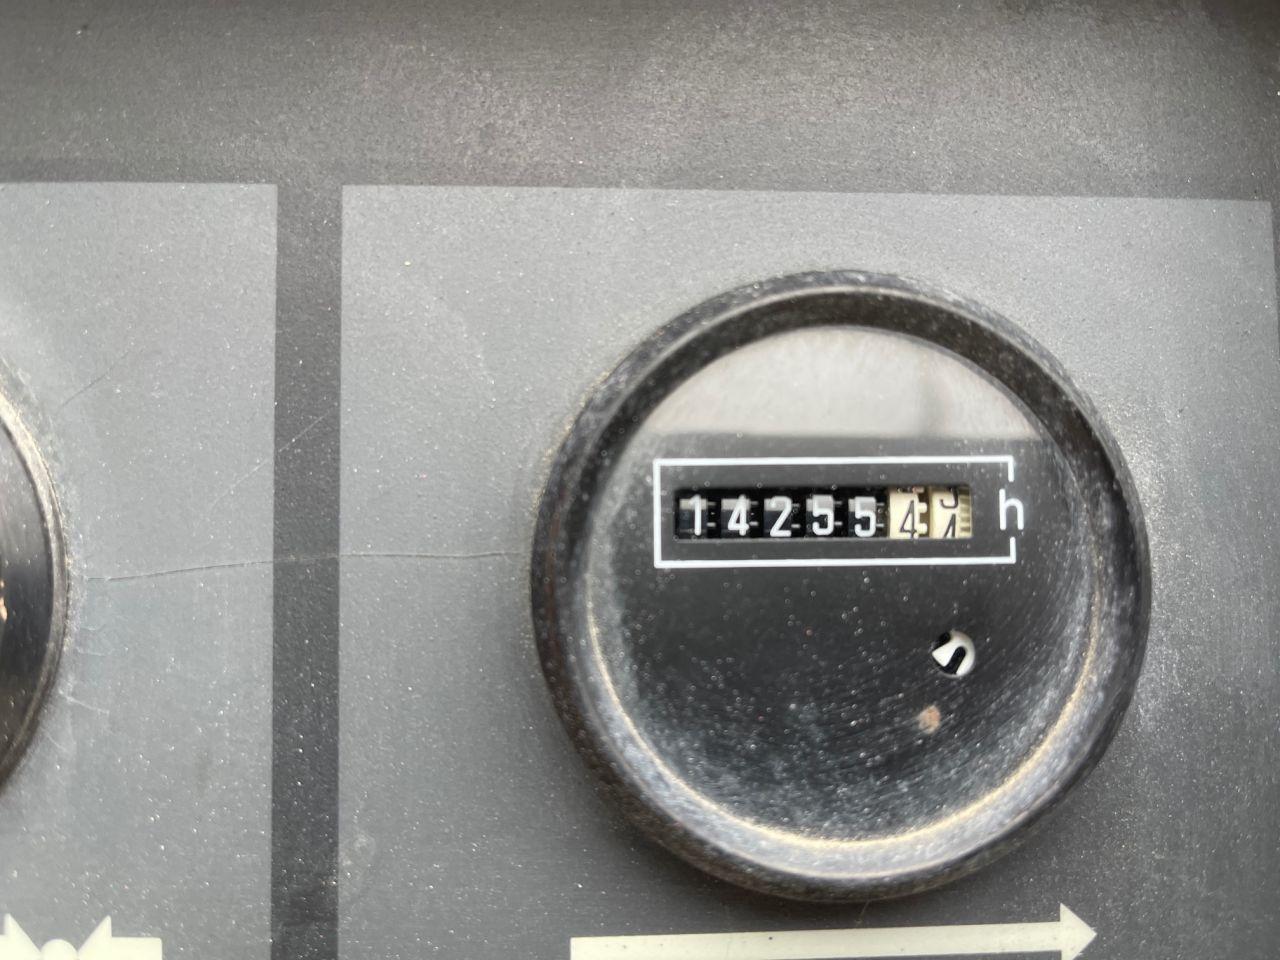 Kaeser M270 Mobiele compressor